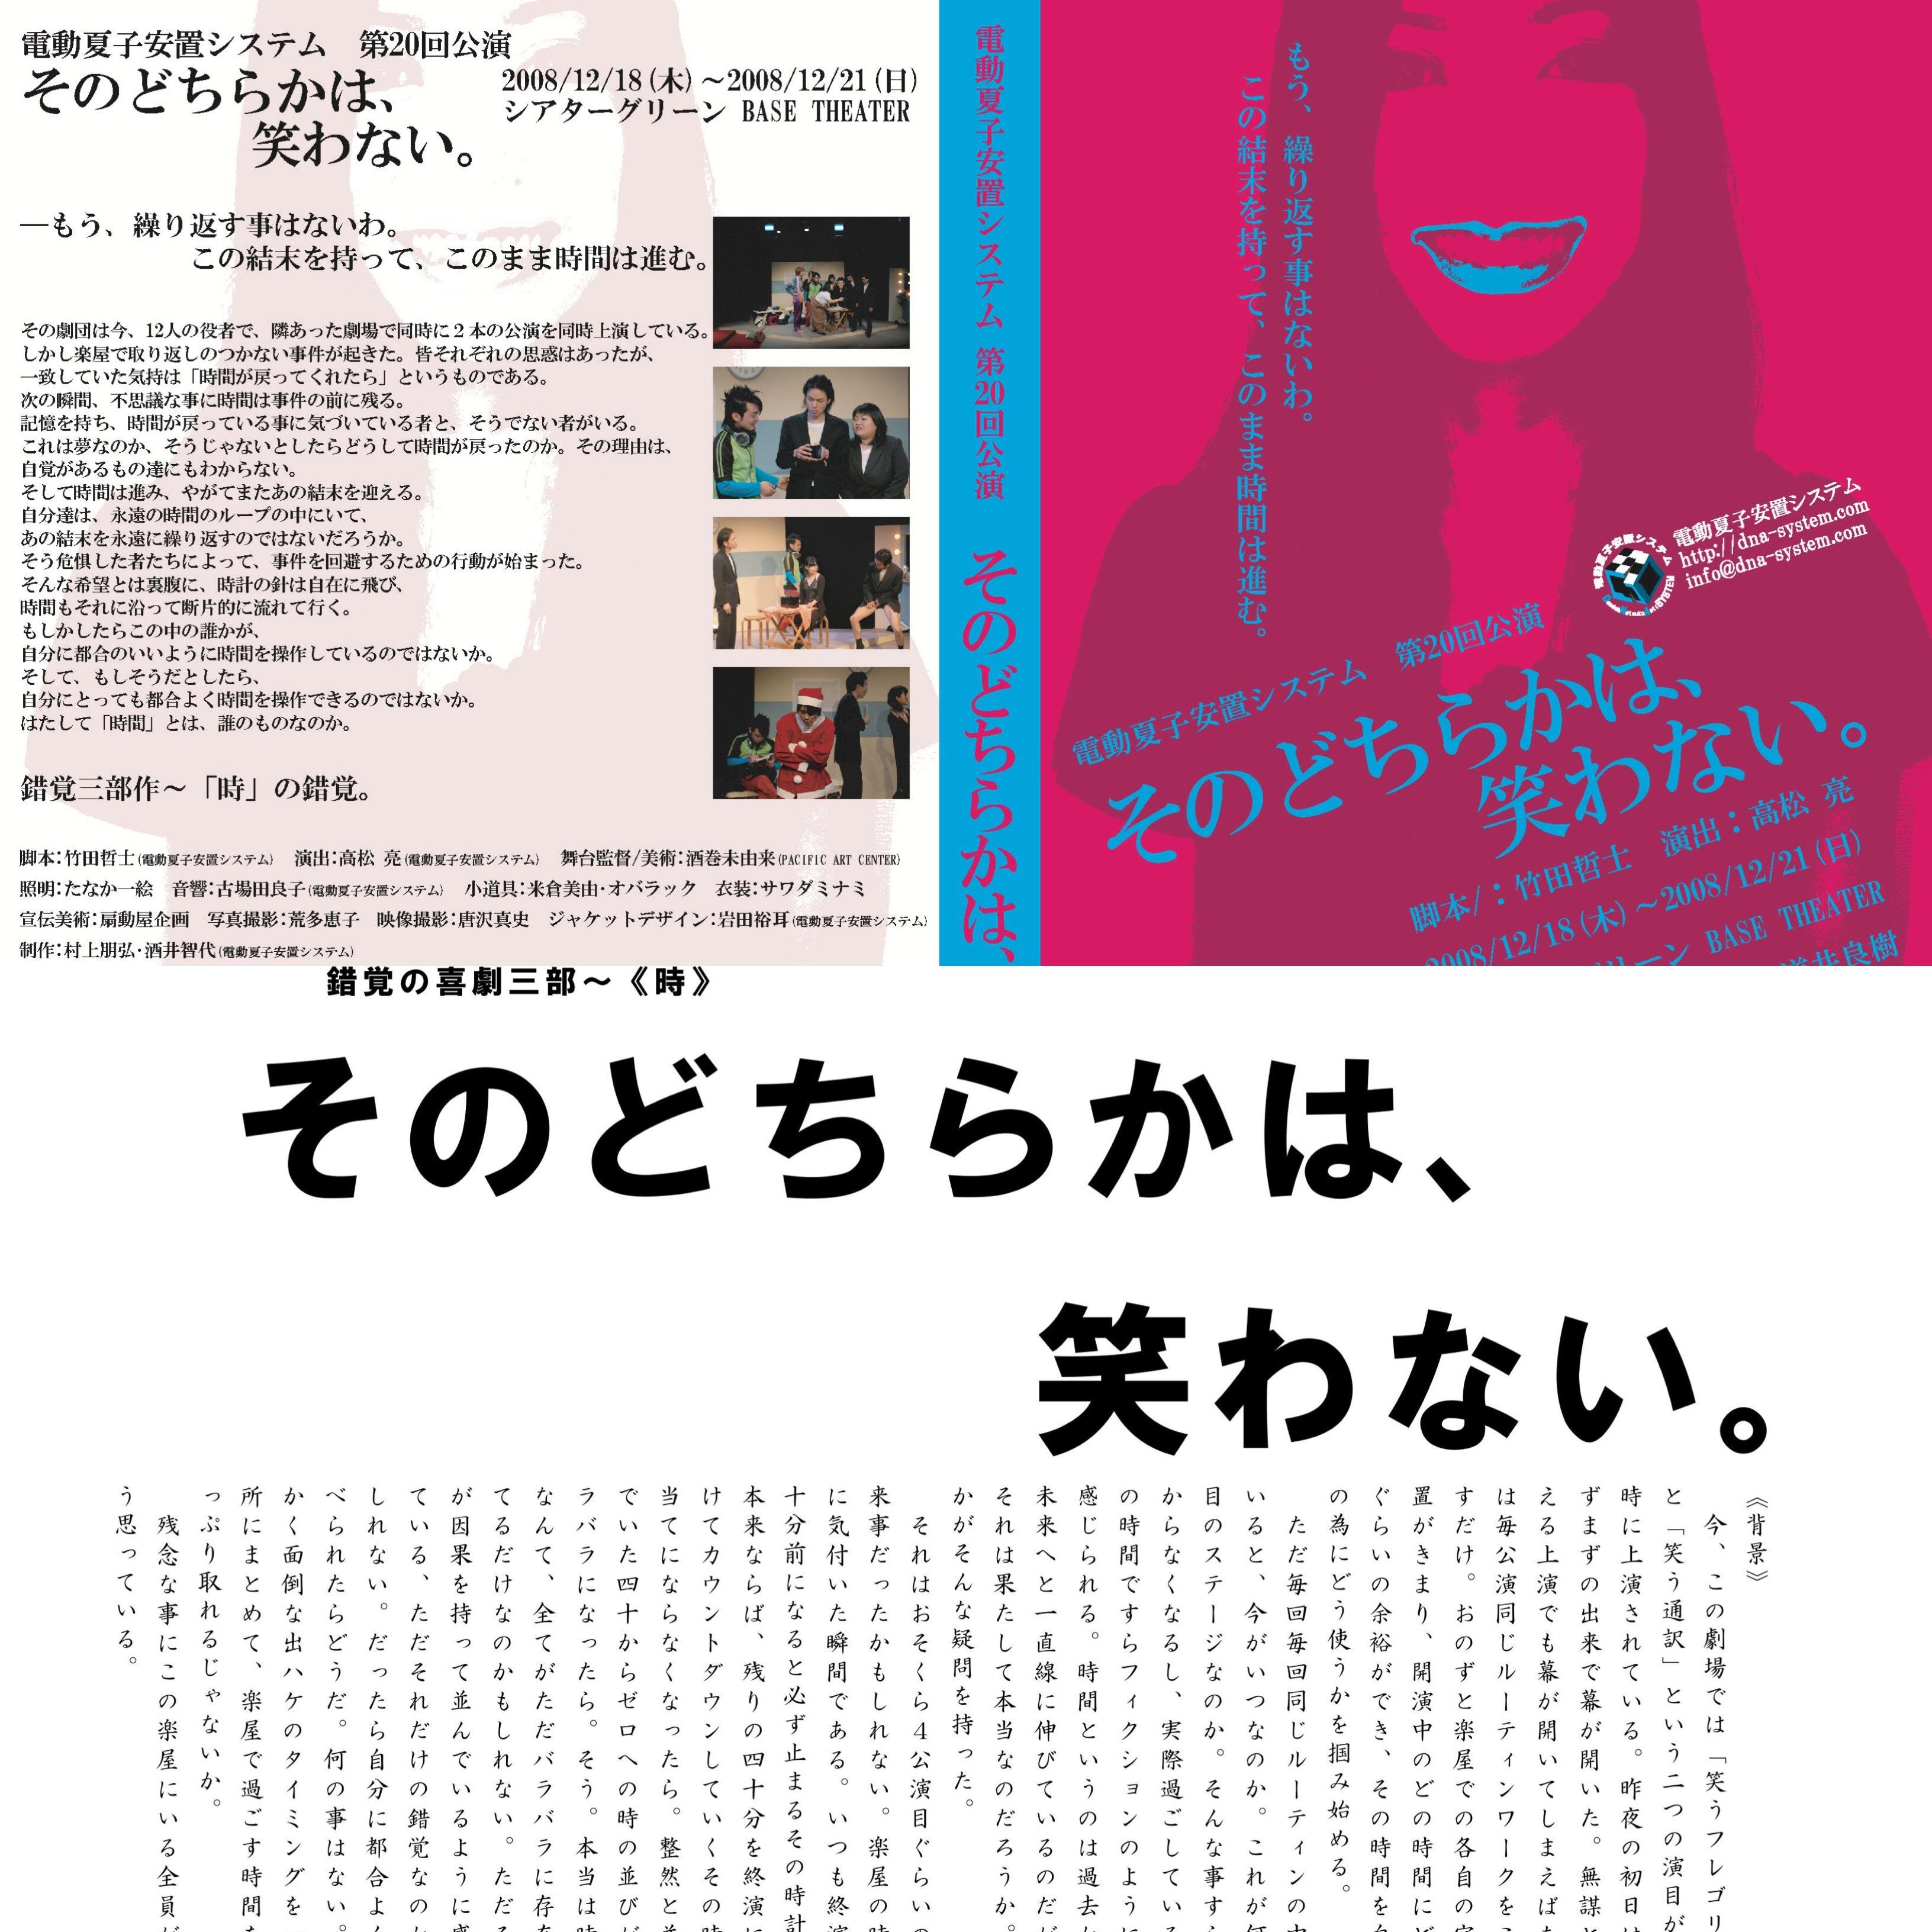 DVD+台本セット 第20回公演『そのどちらかは、笑わない。』